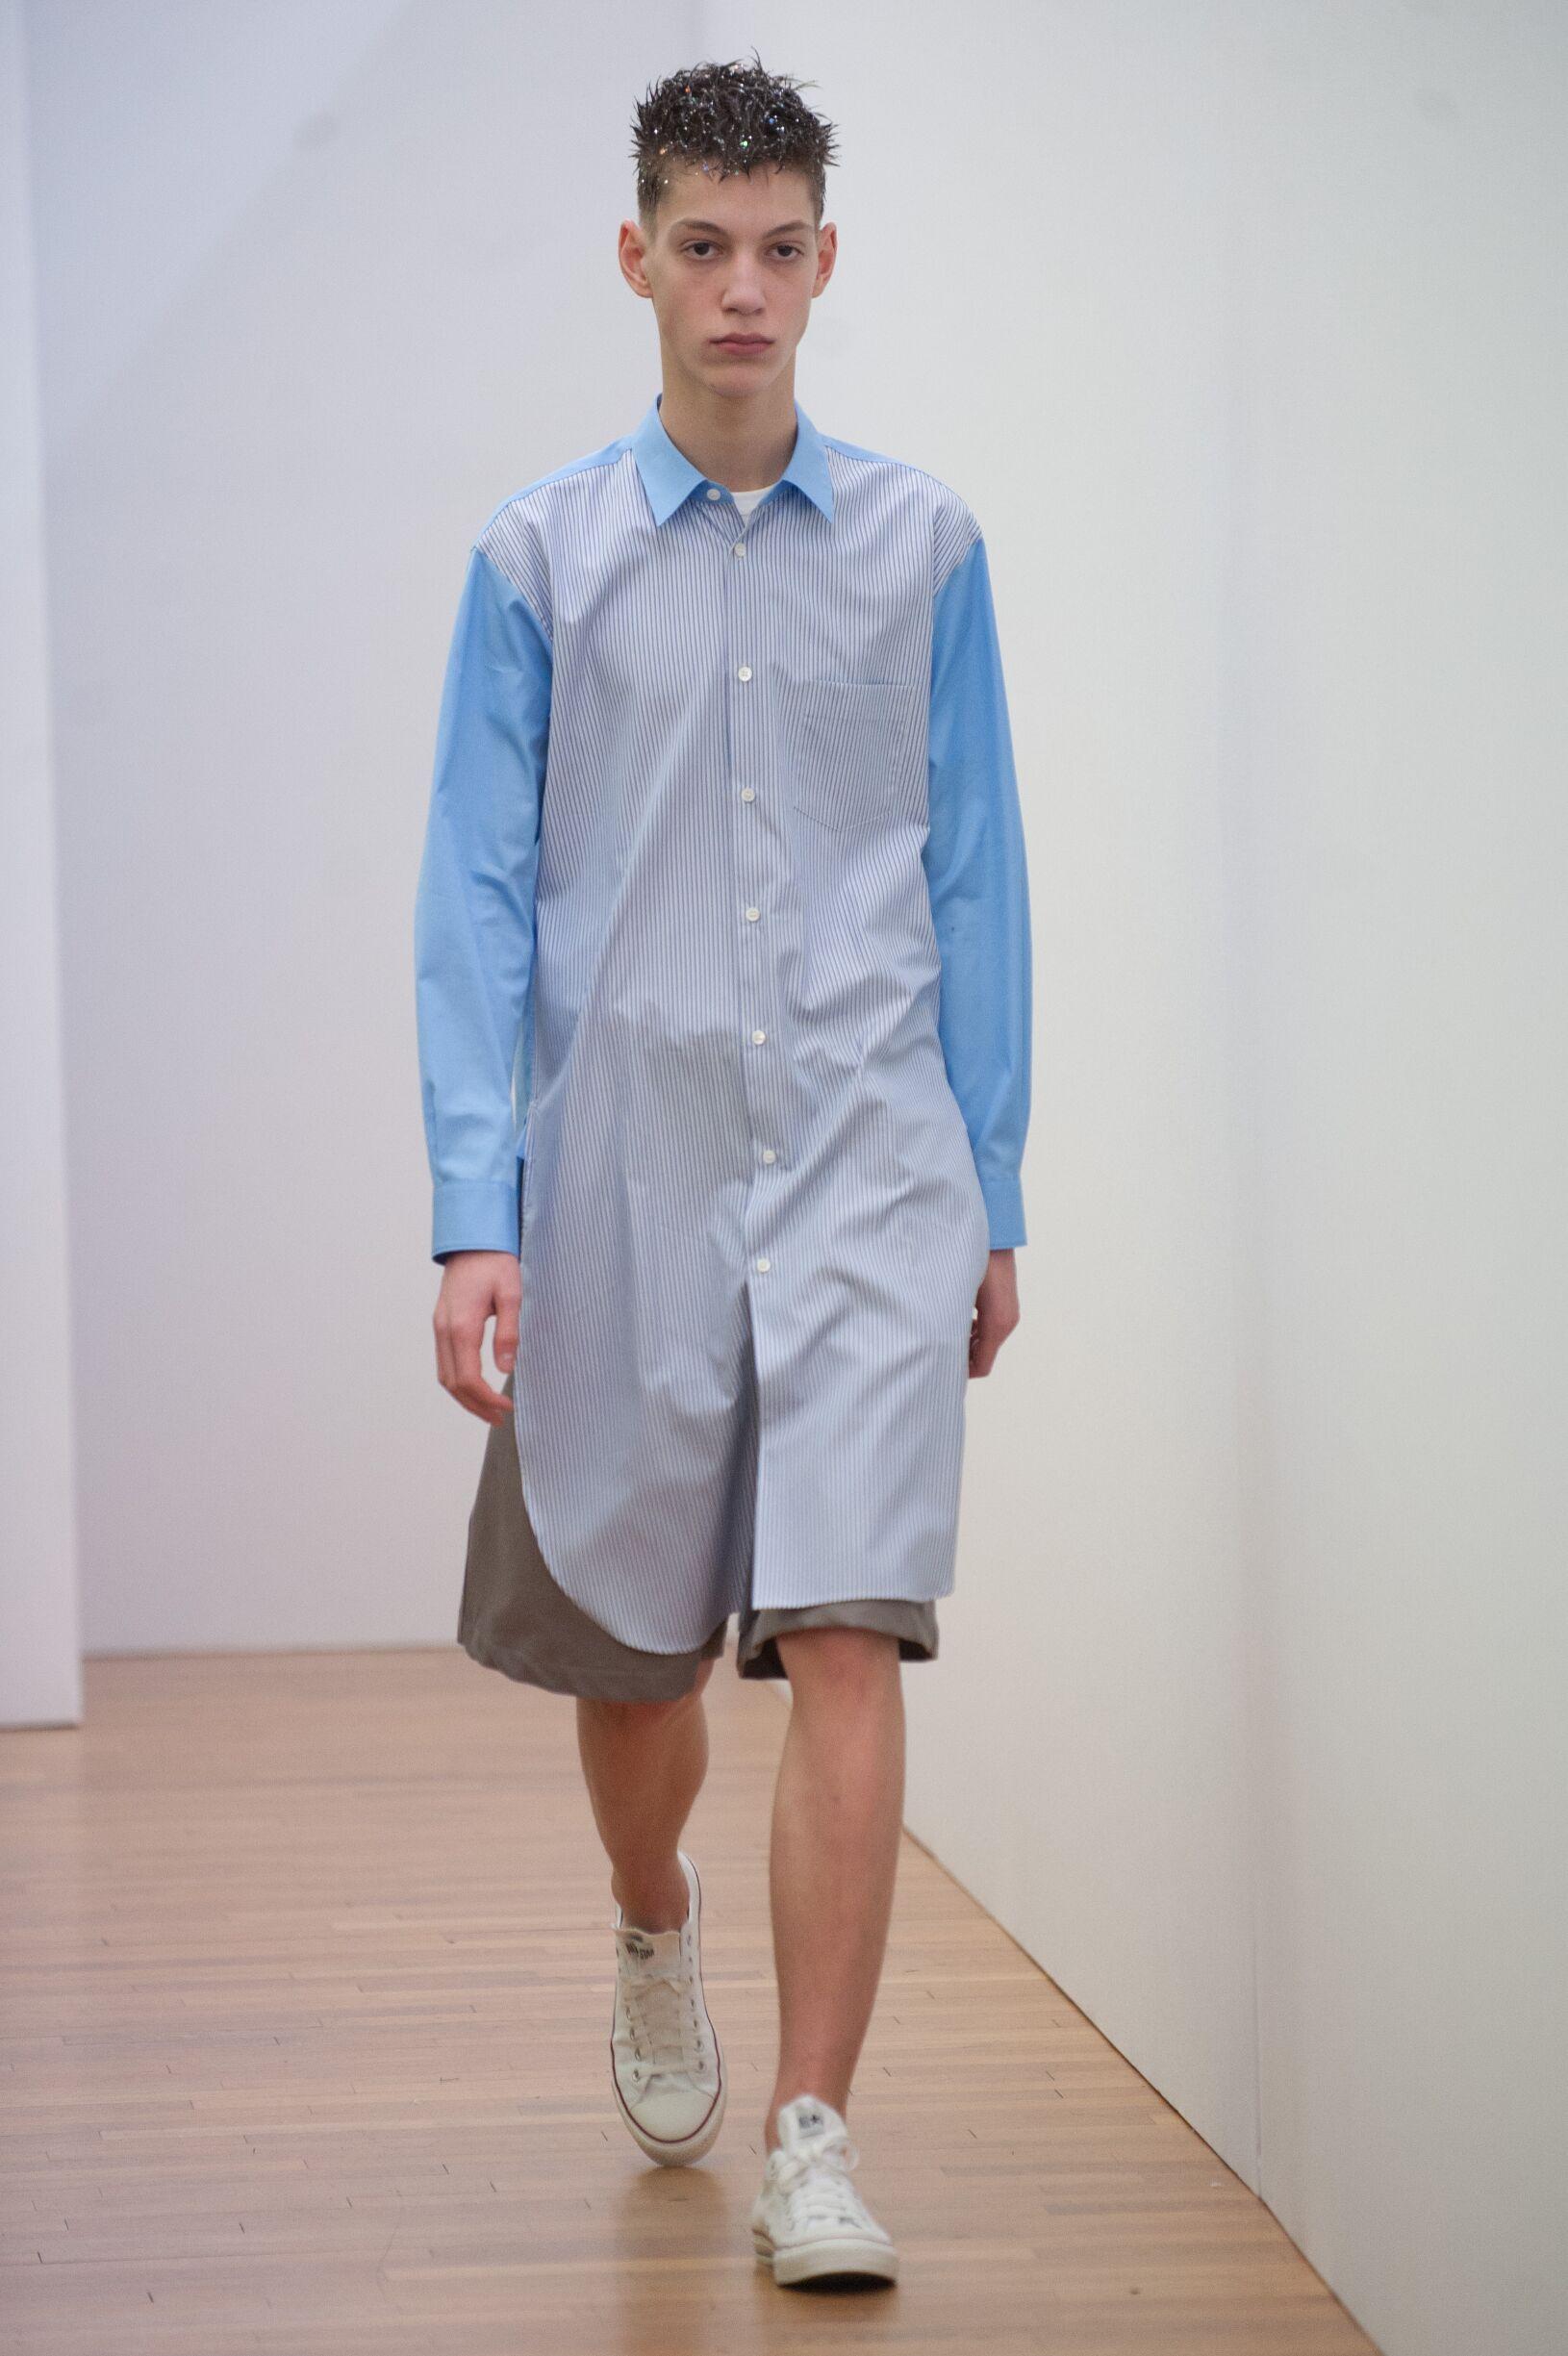 Fashion Model Comme Des Garçons Shirt Catwalk